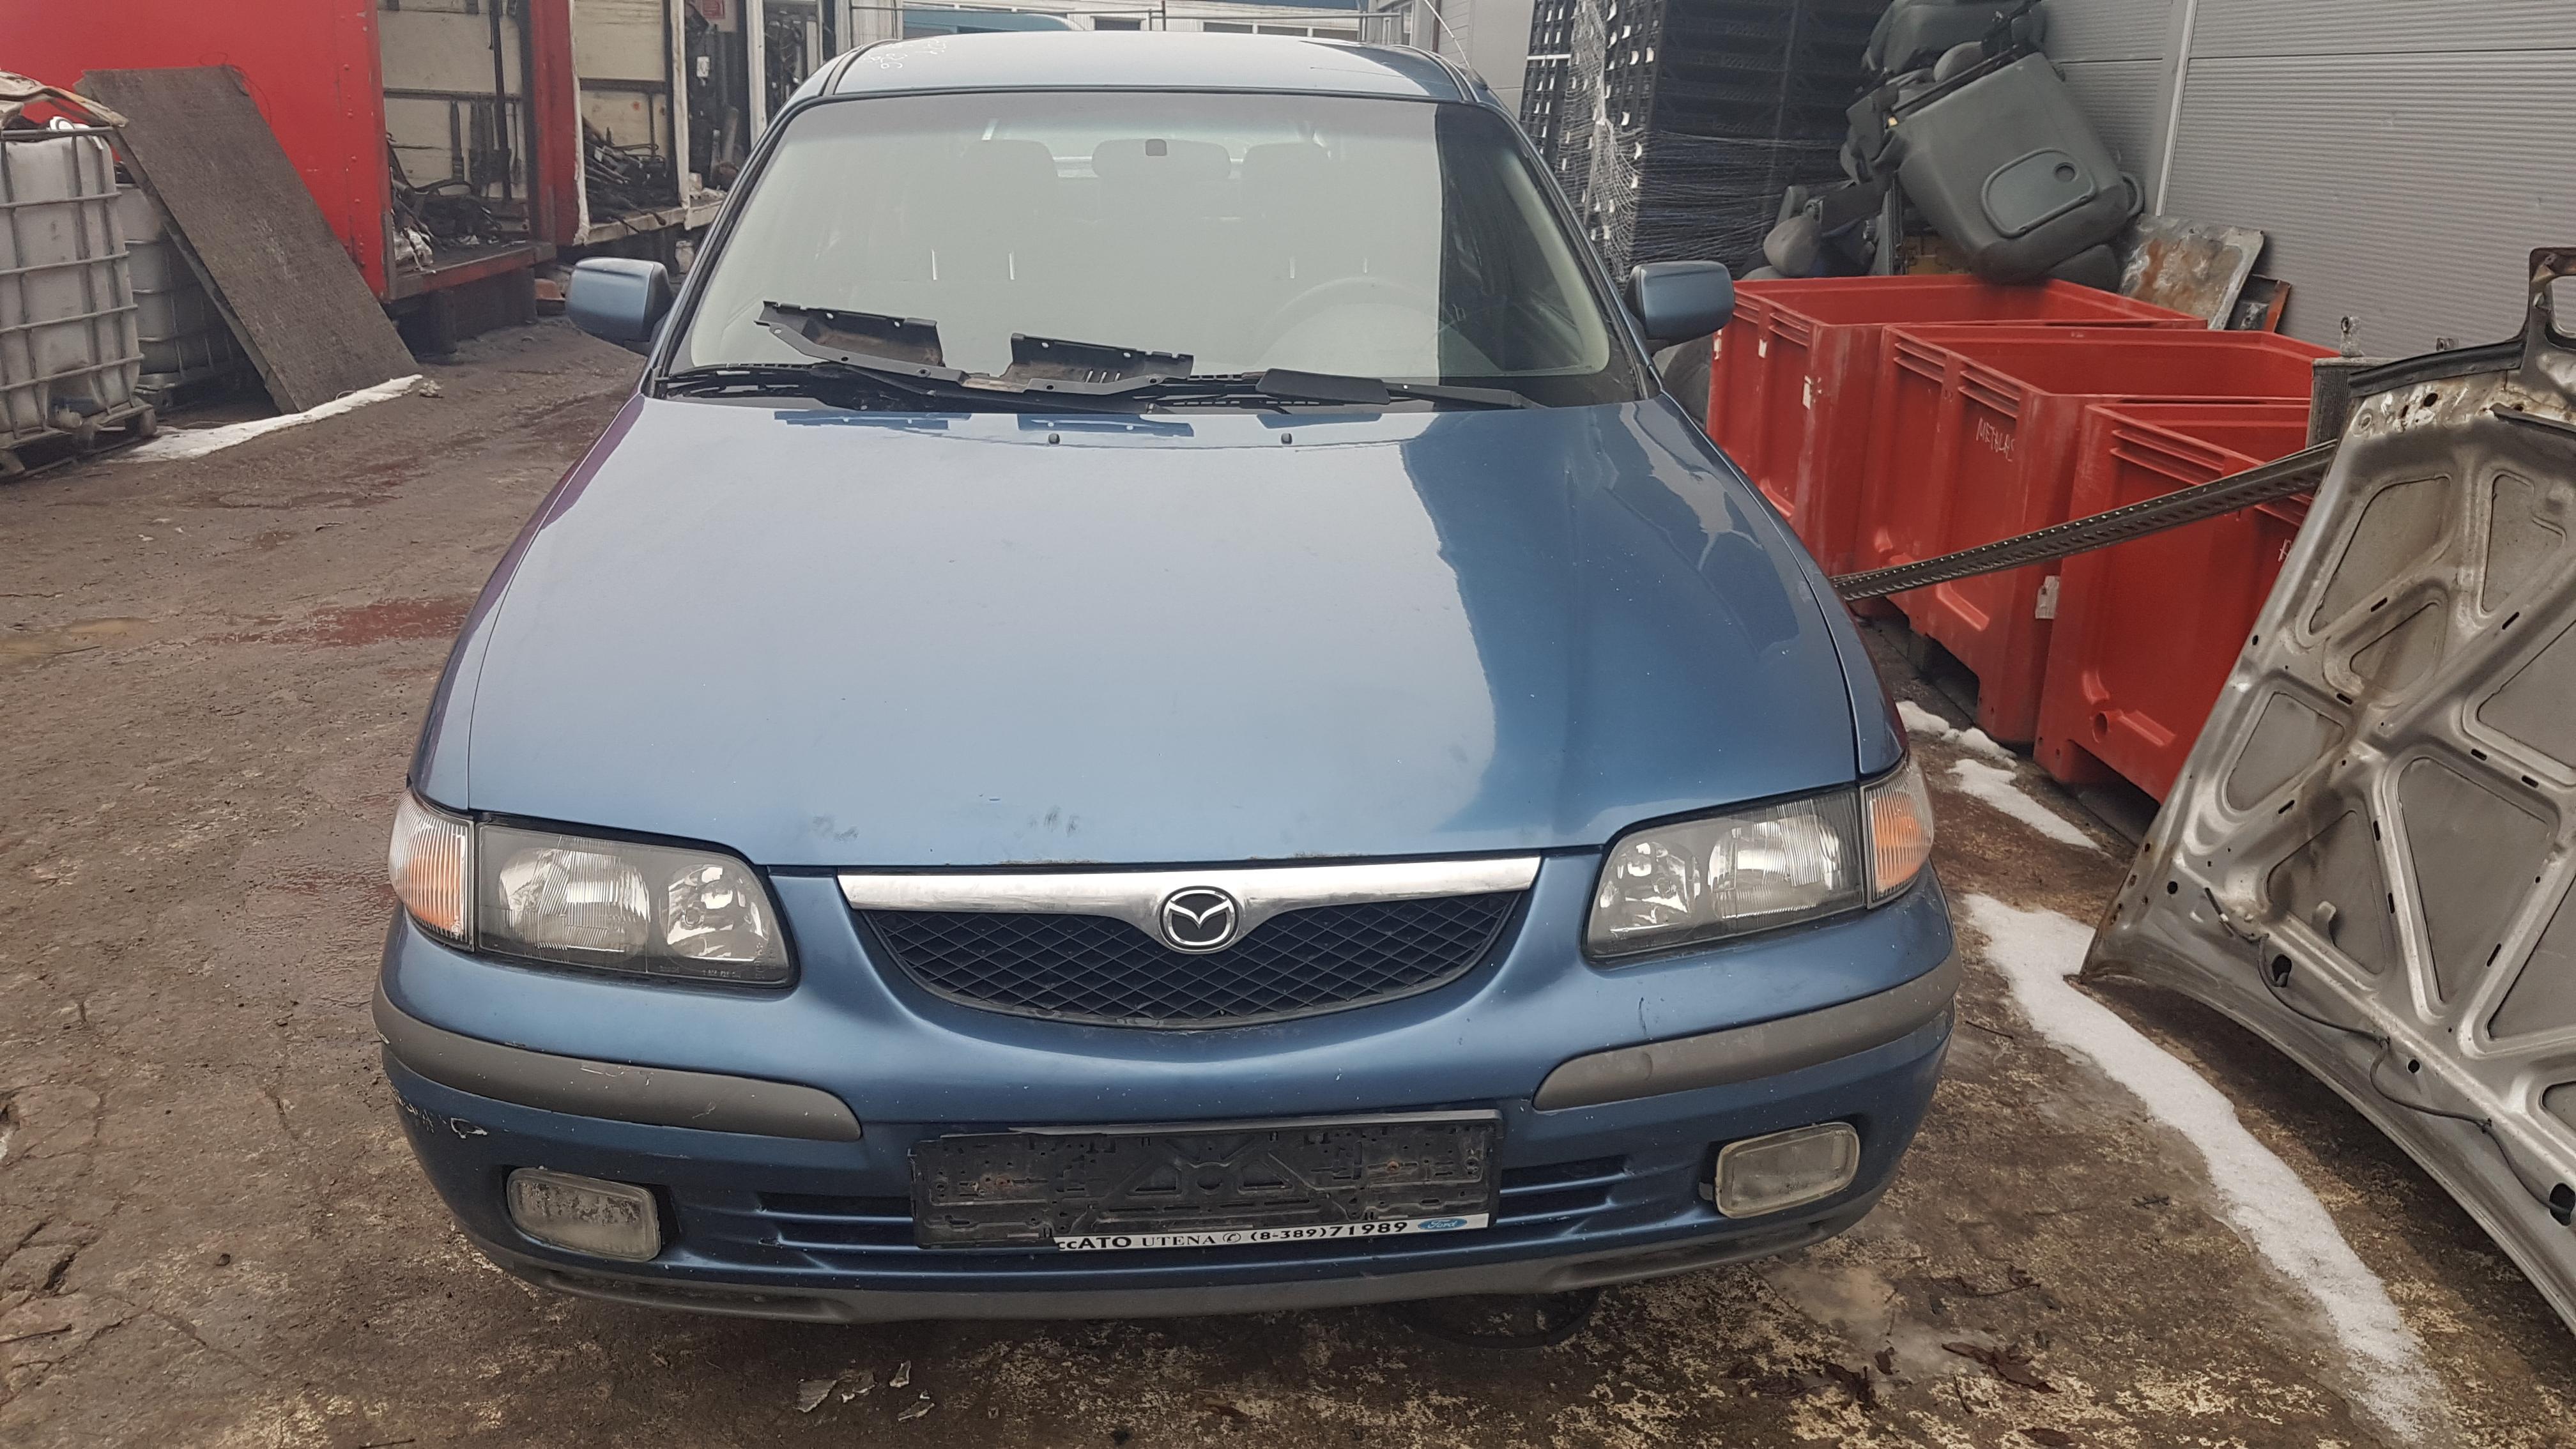 Used Car Parts Mazda 626 2001 1.8 Mechanical Hatchback 4/5 d. Blue 2017-3-08